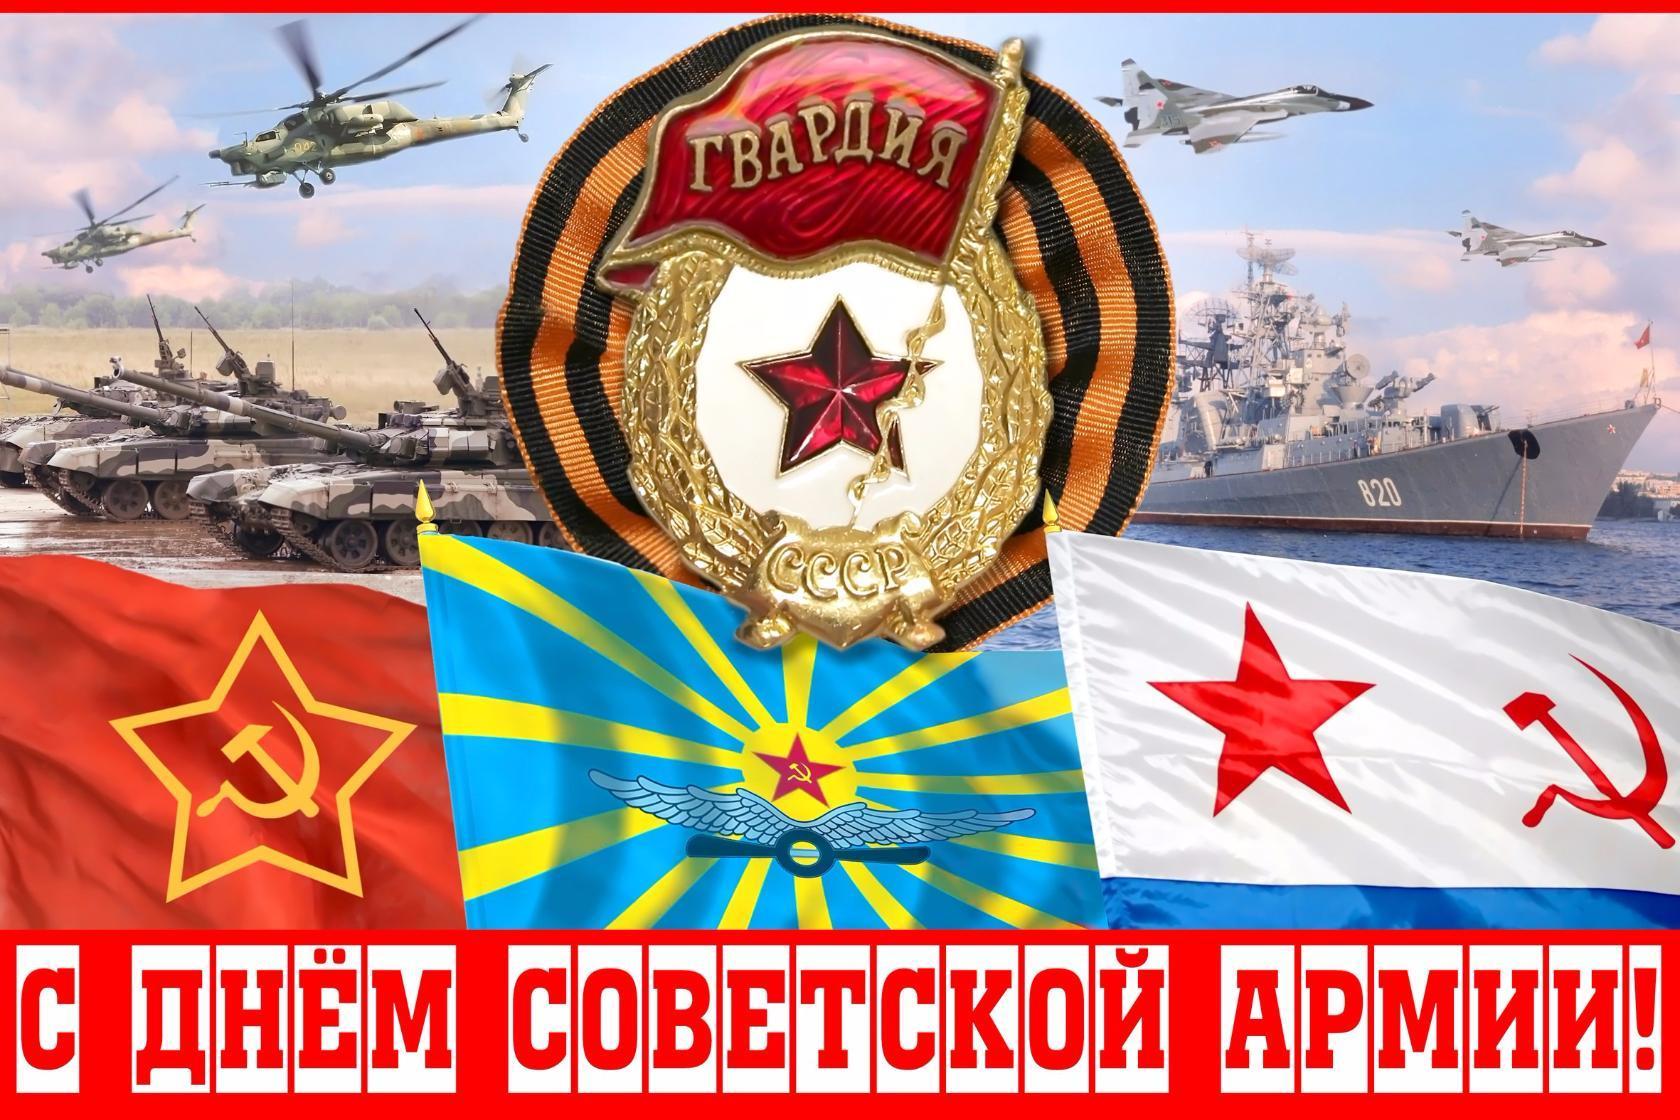 Поздравления с днем советской армии открытка